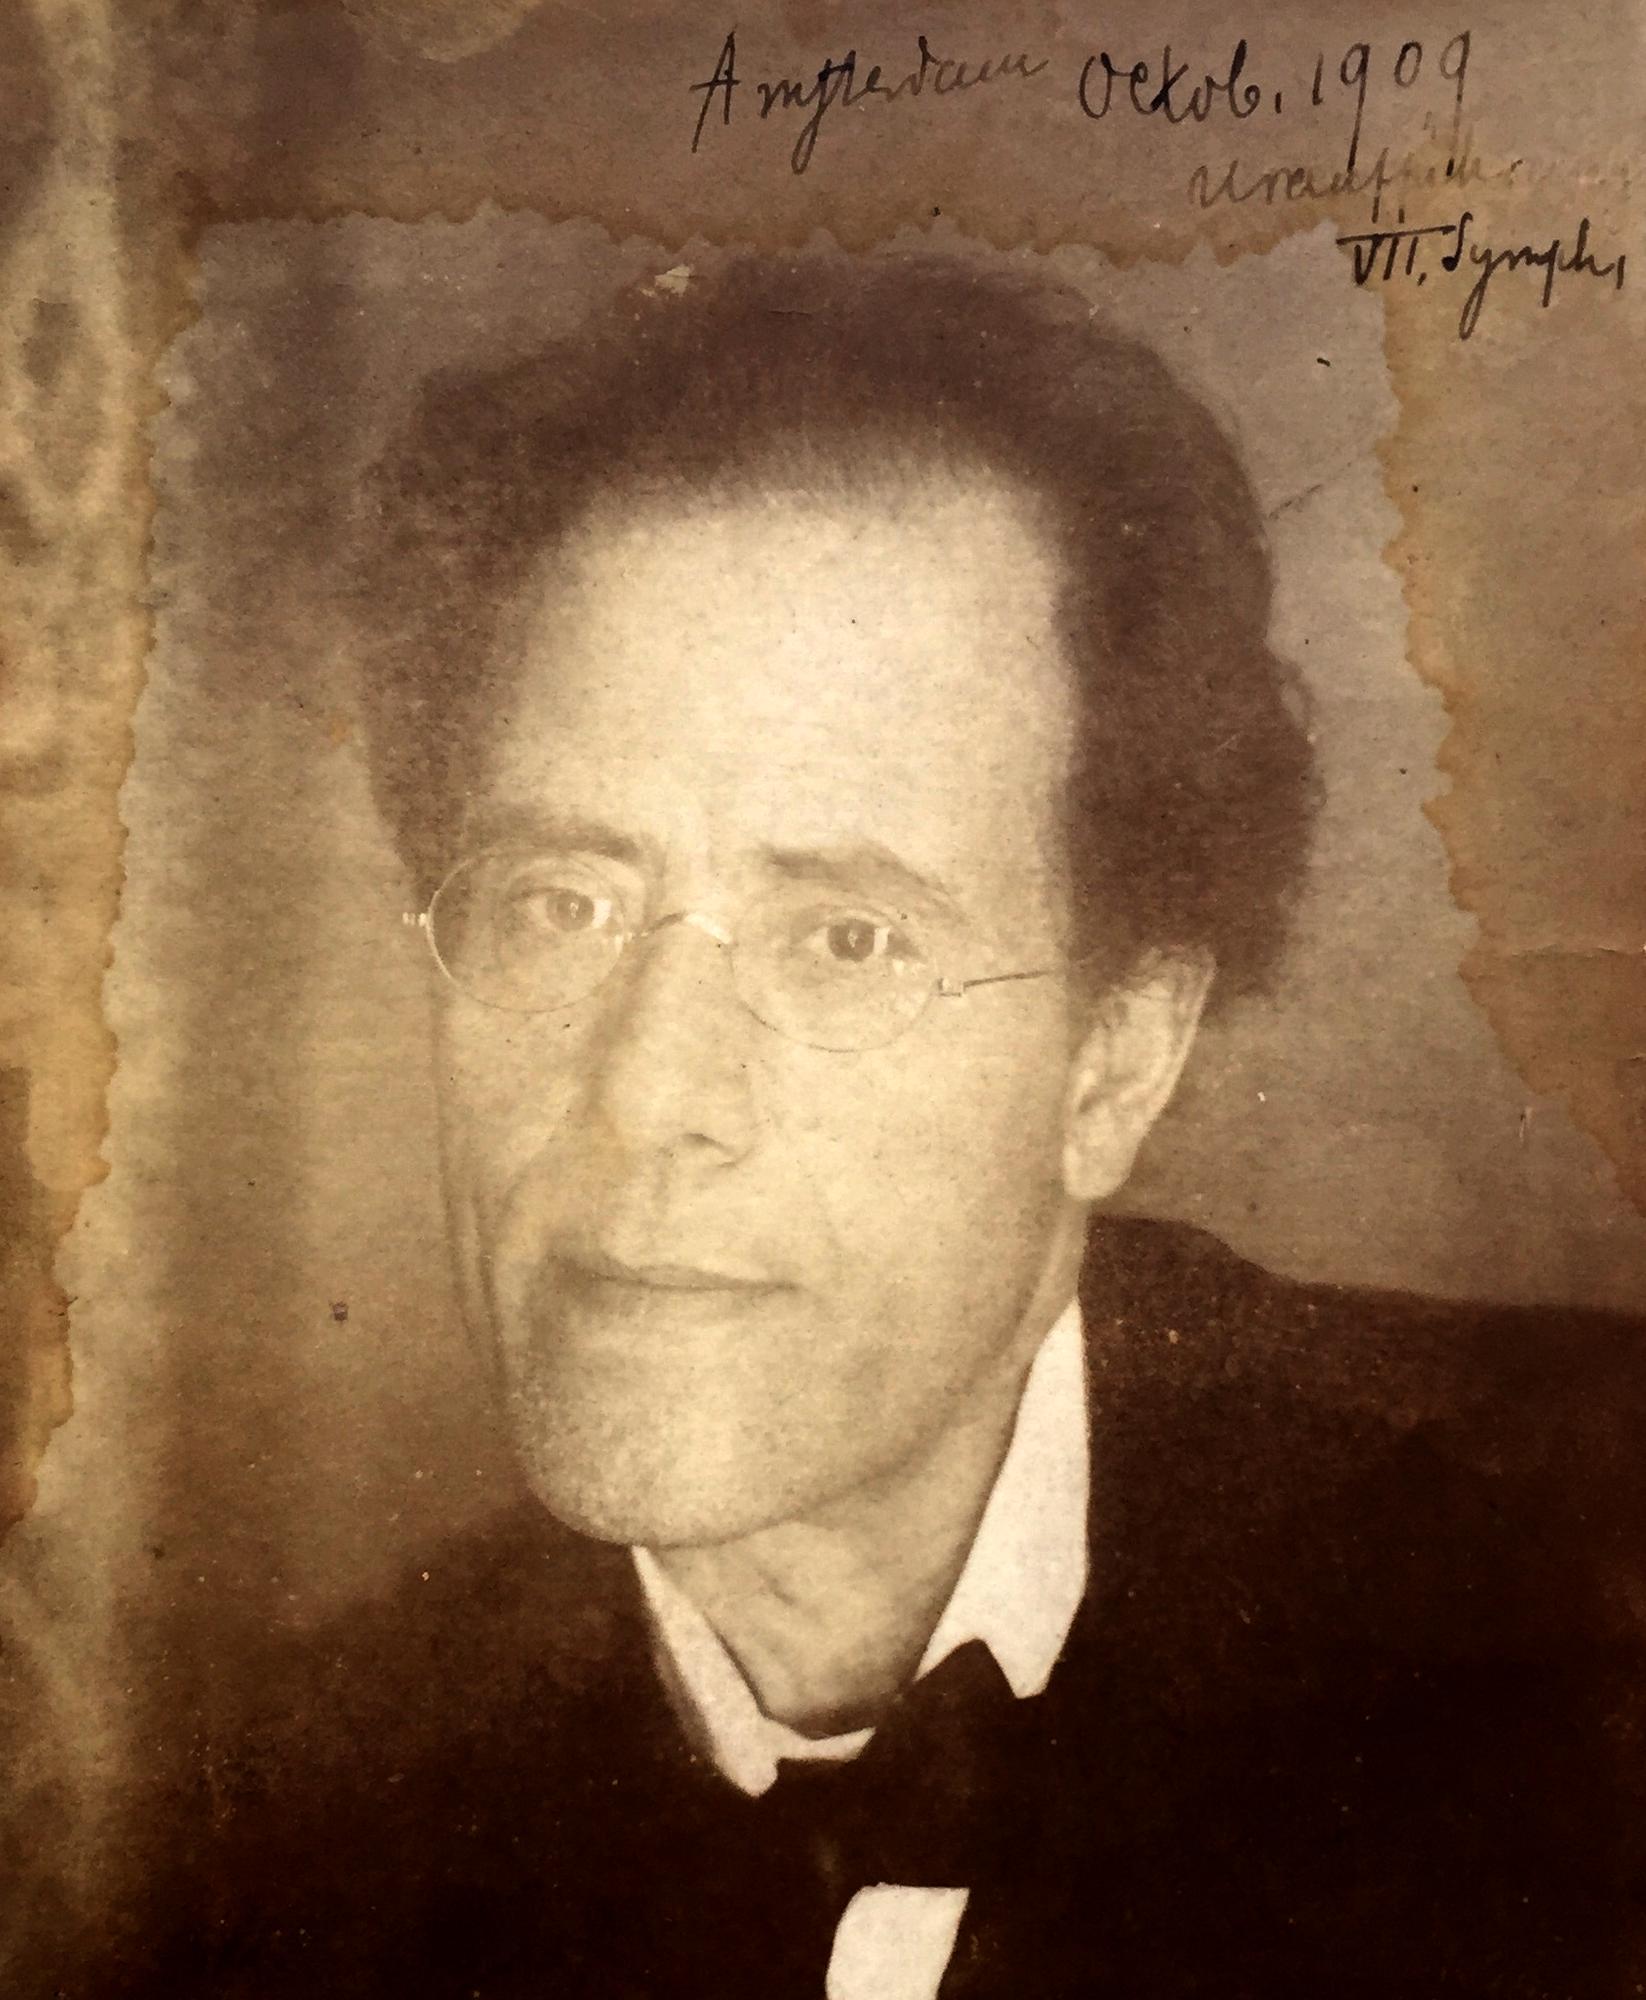 Gustav Mahler in 1909